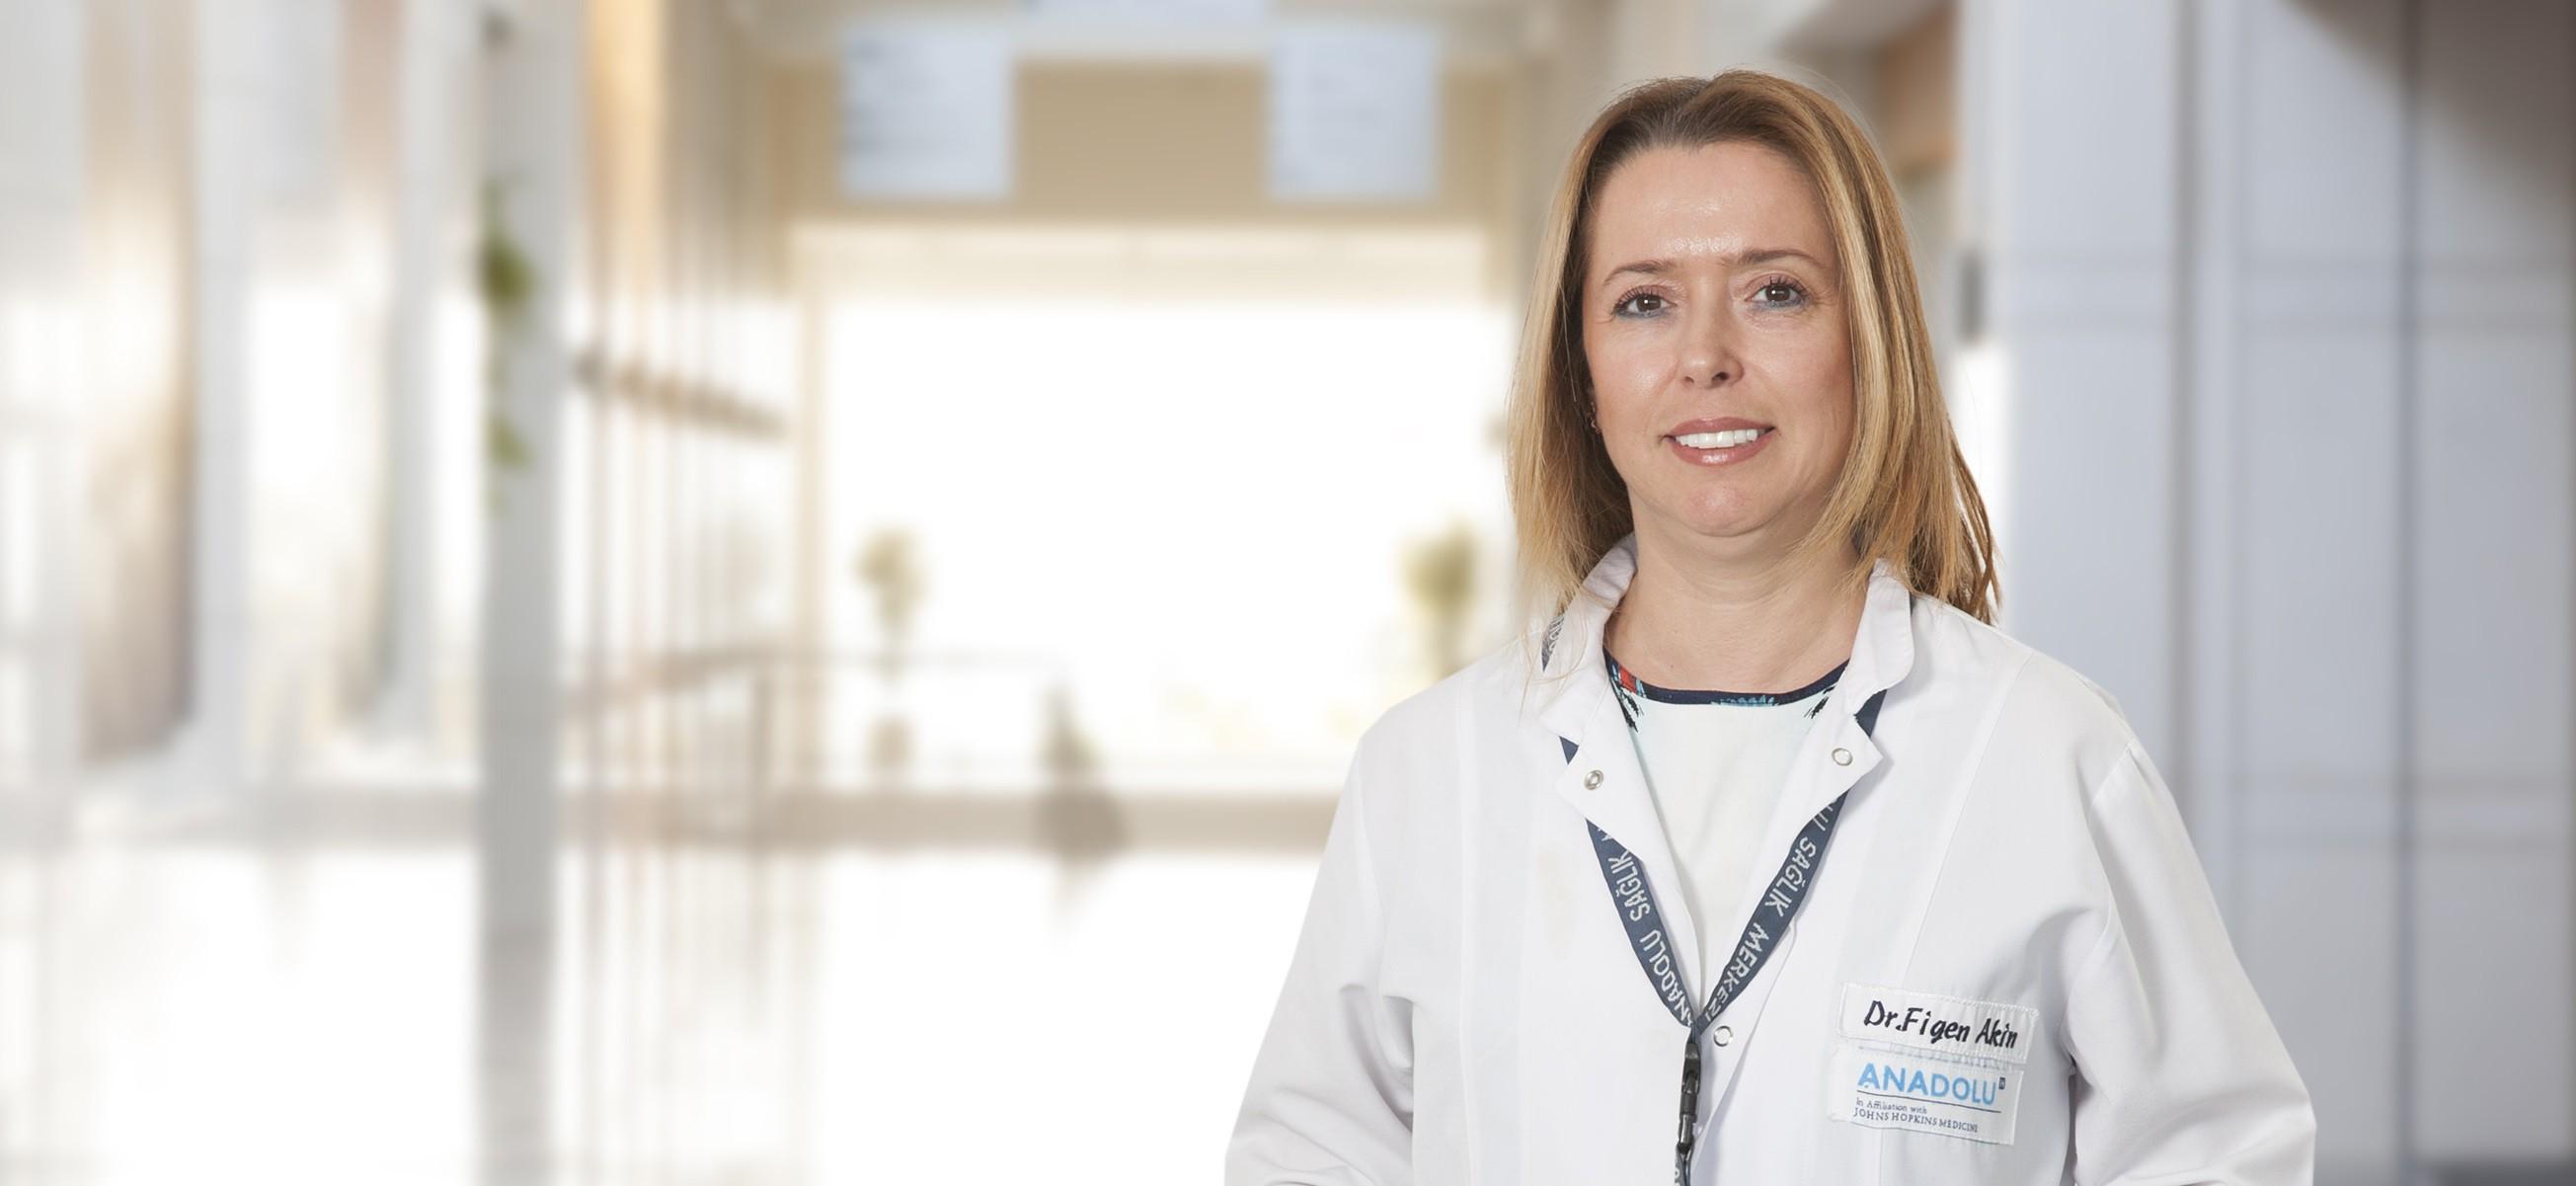 Фиген Акын — квалифицированная помощь в медицинском центре Anadolu